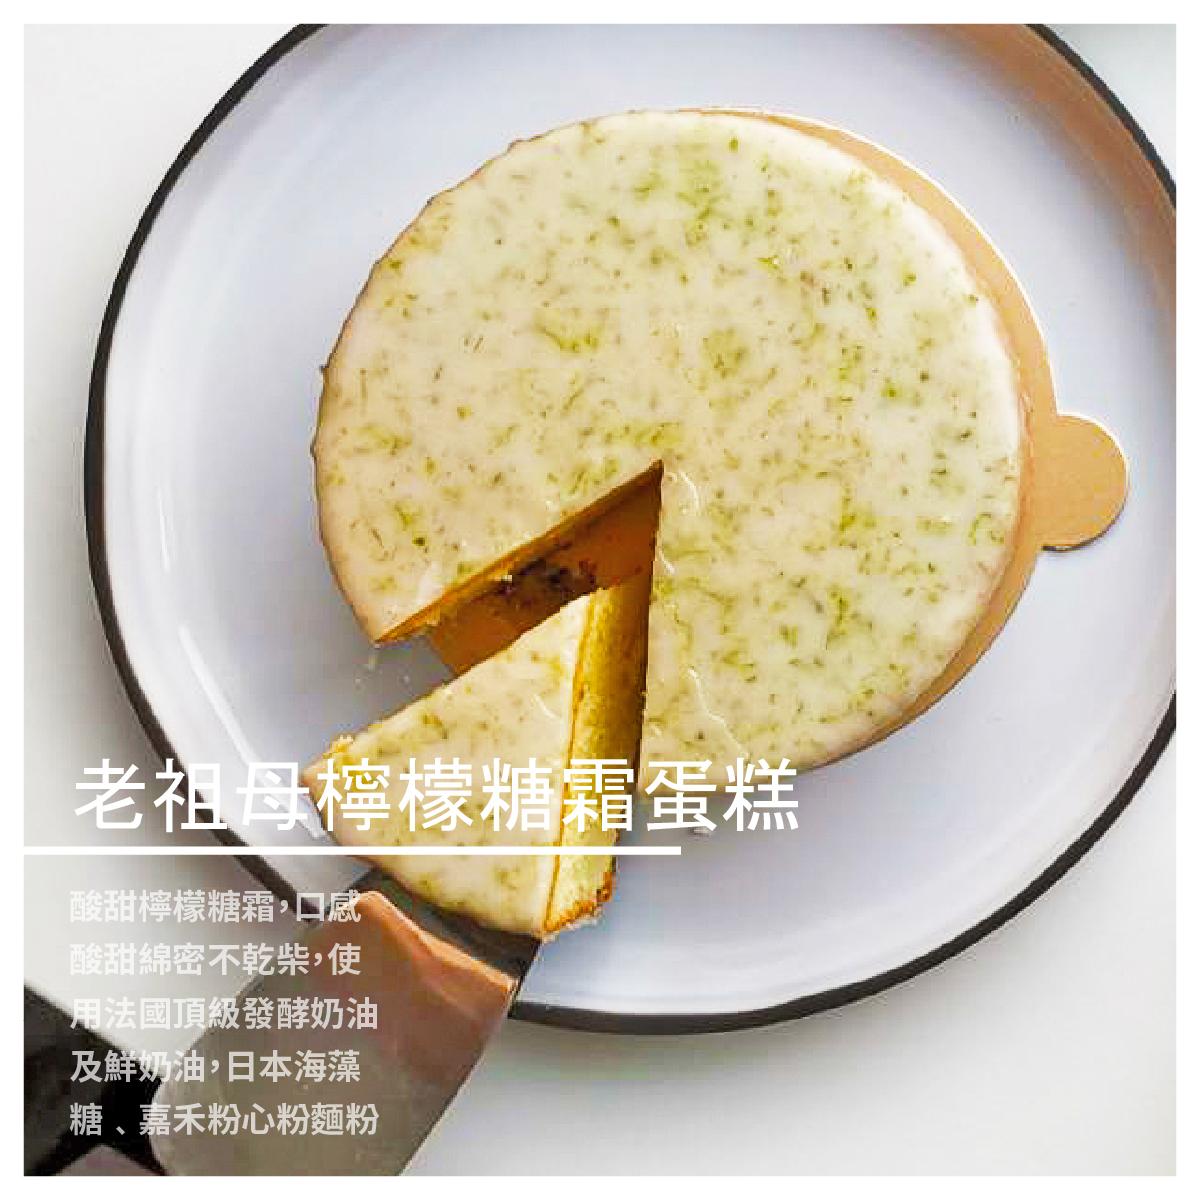 【鮮日嚐四季餐桌料理】老祖母檸檬糖霜蛋糕/6吋